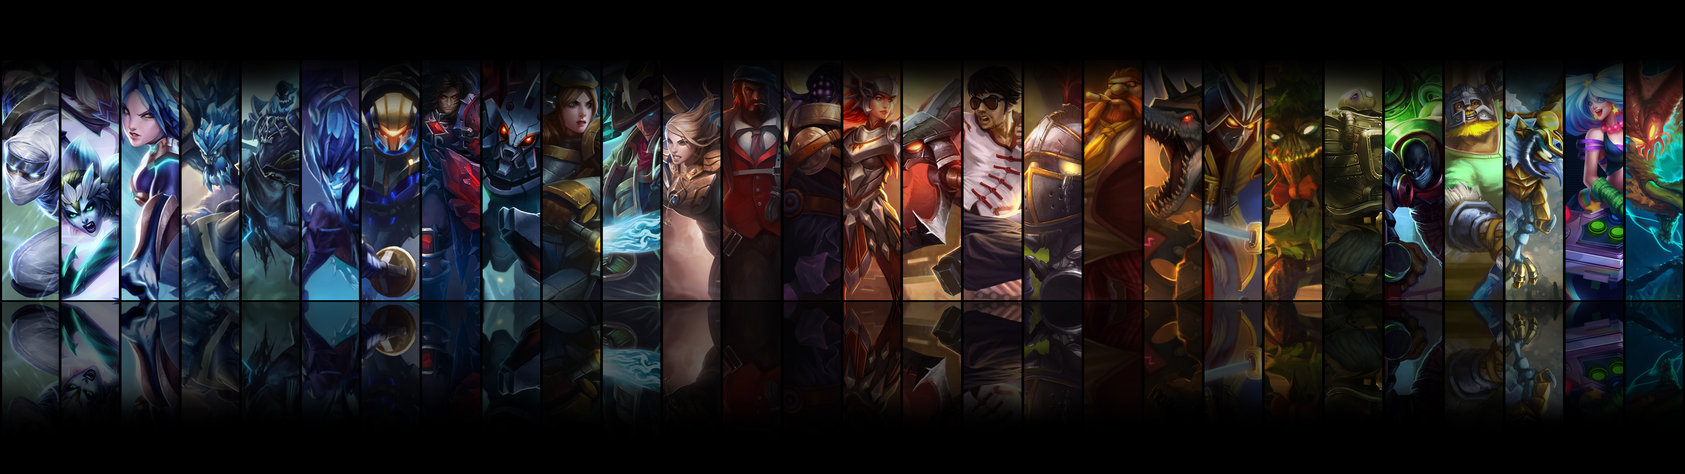 League of Legends Dual Screen Wallpaper by beNN94 1685x474